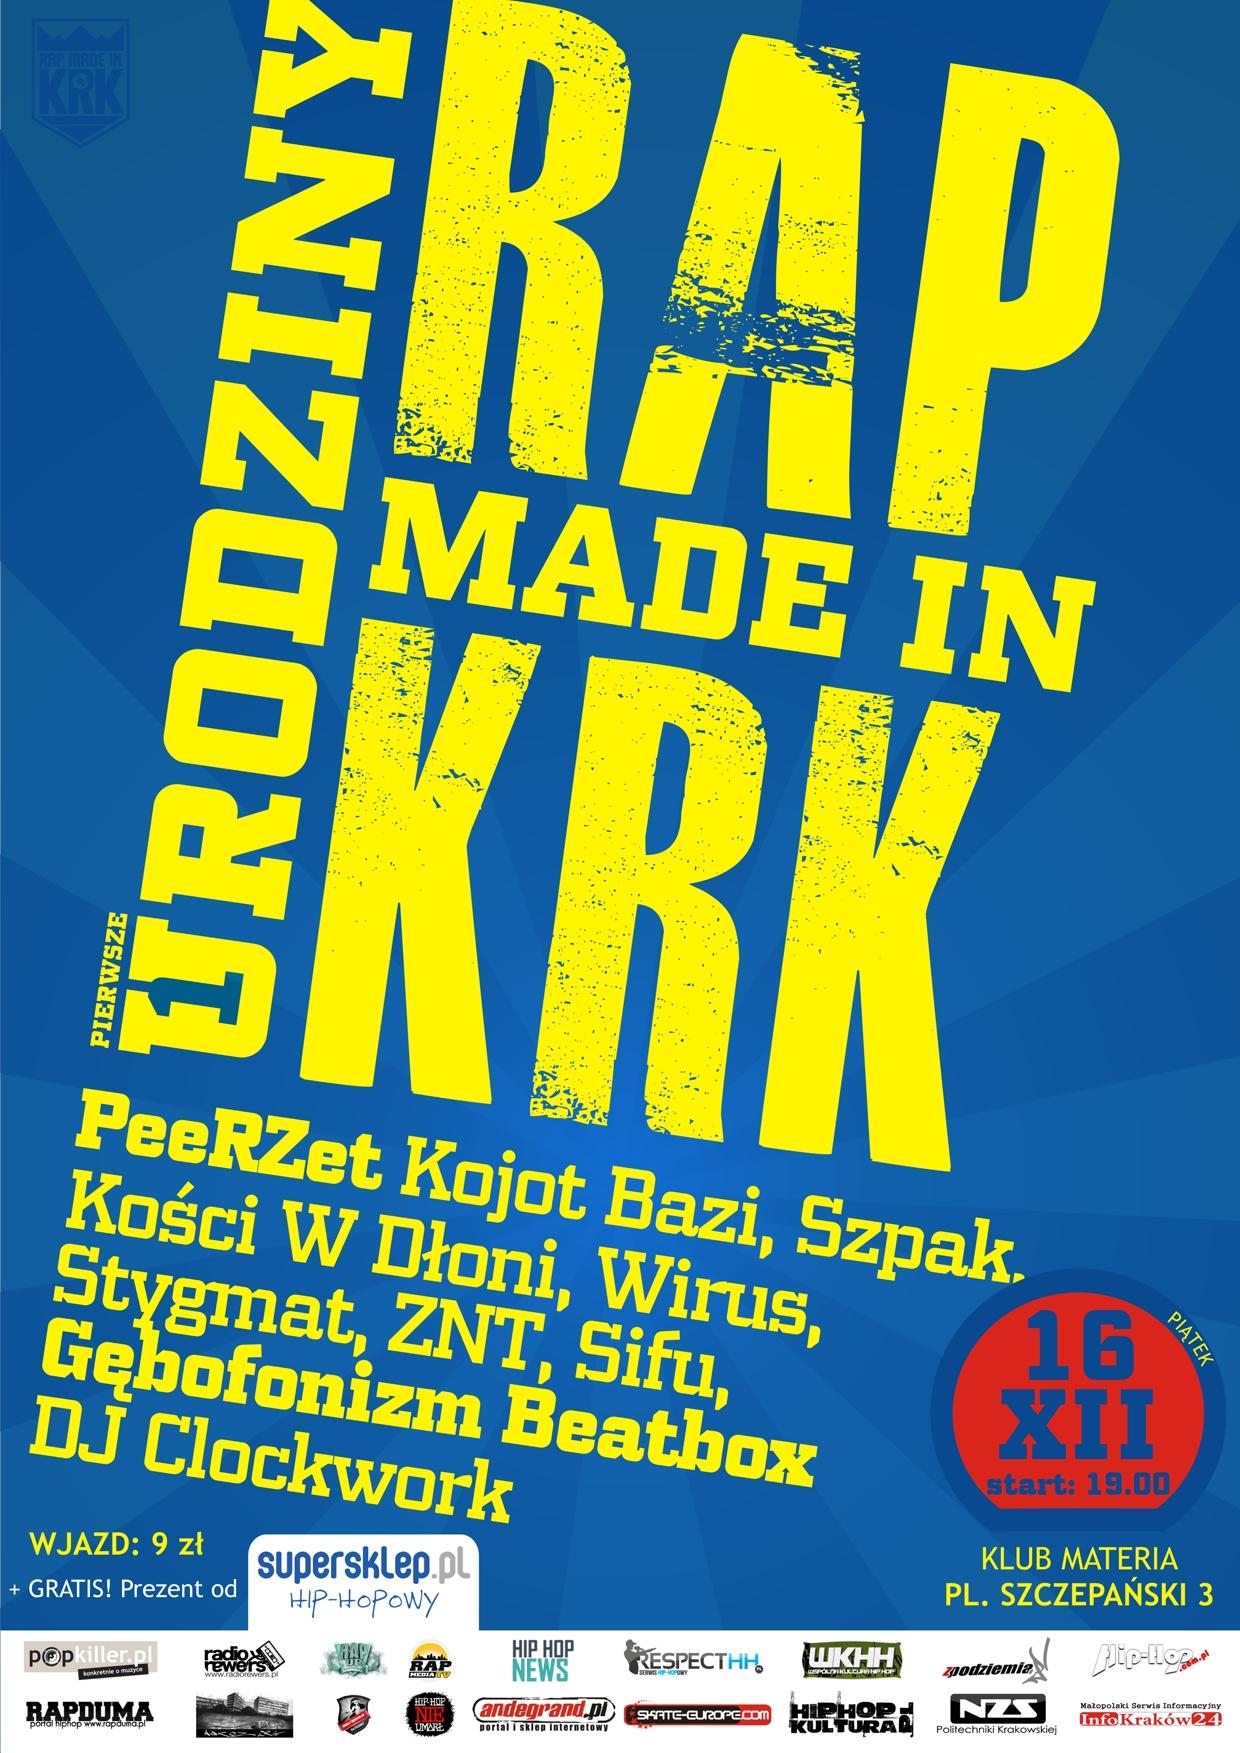 RAP MADE IN KRK - Urodzinowe Rapowanie w Klubie Materia - ZAPRASZAMY !!!